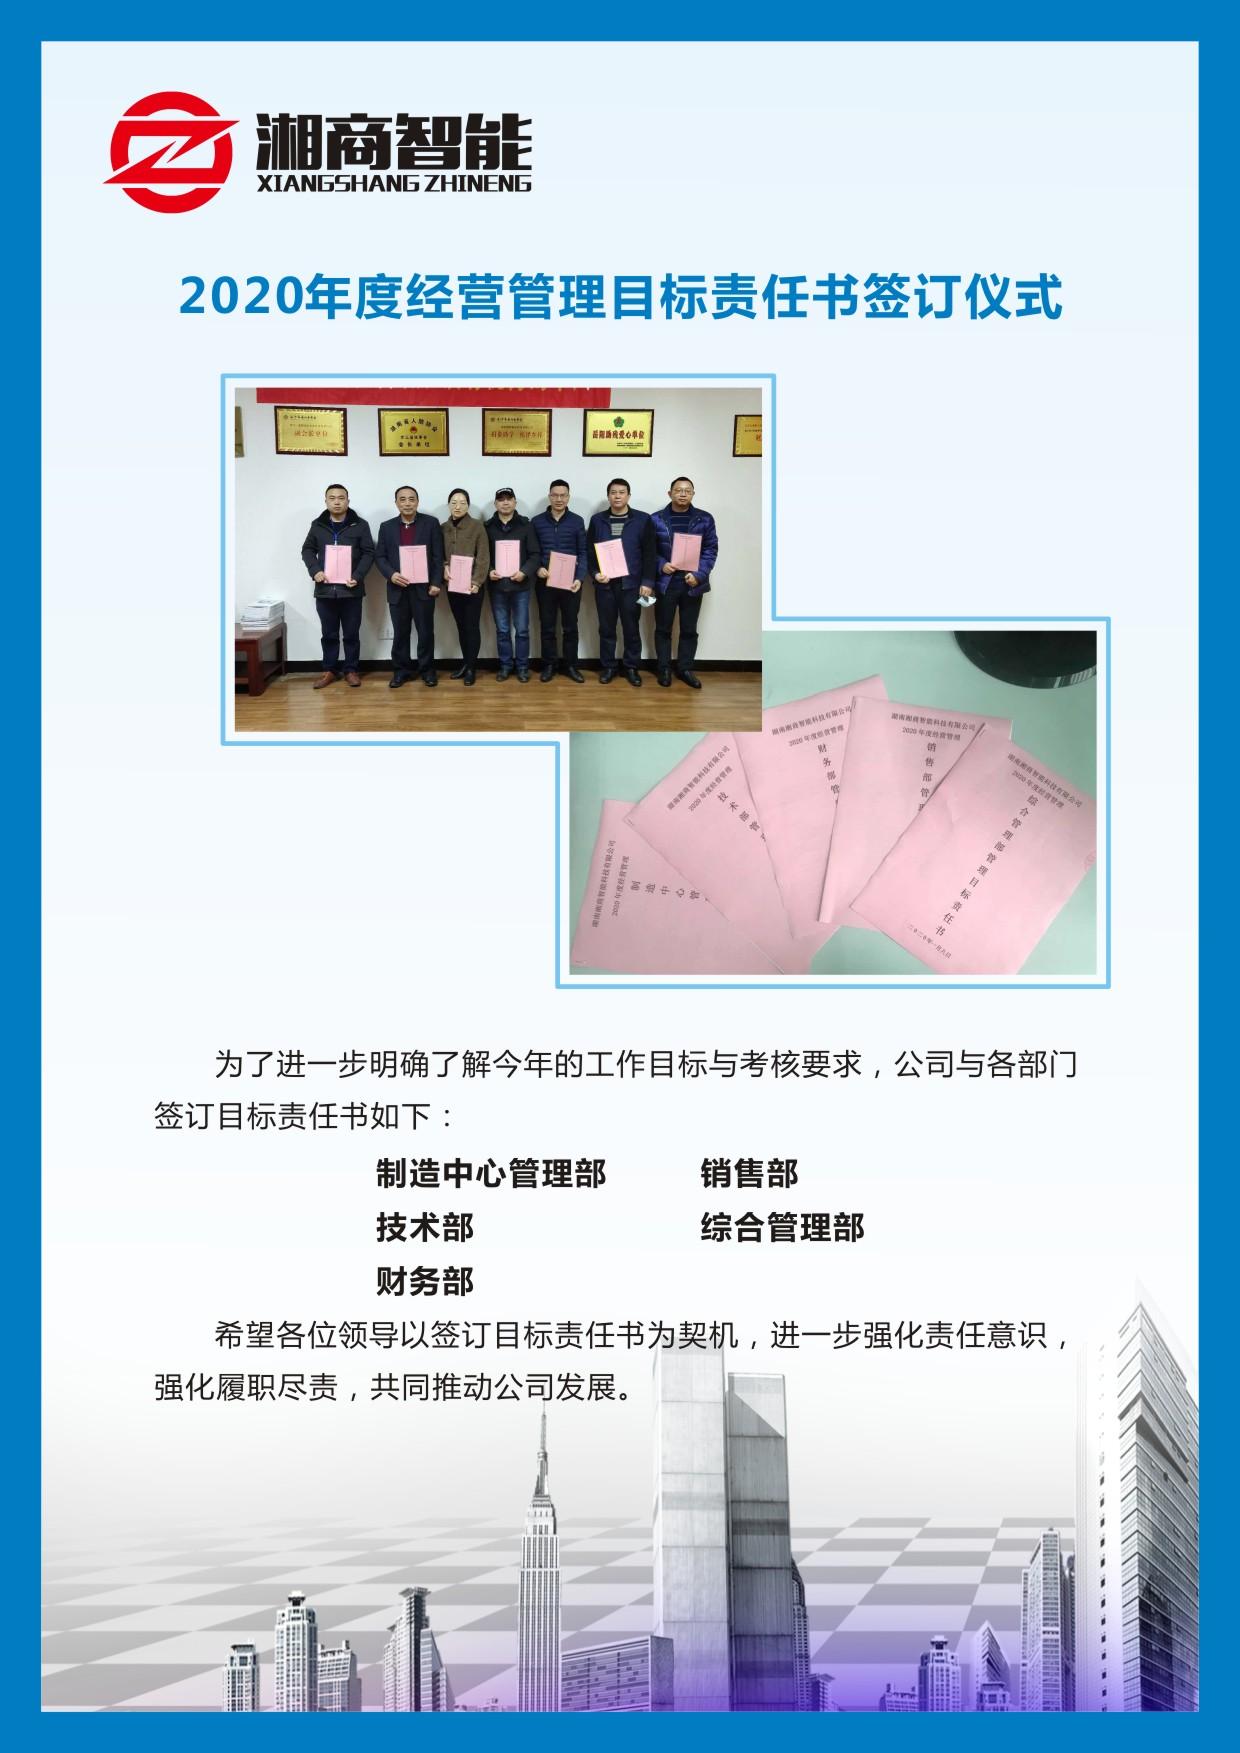 2020年度經營管理目標責任書簽訂儀式!